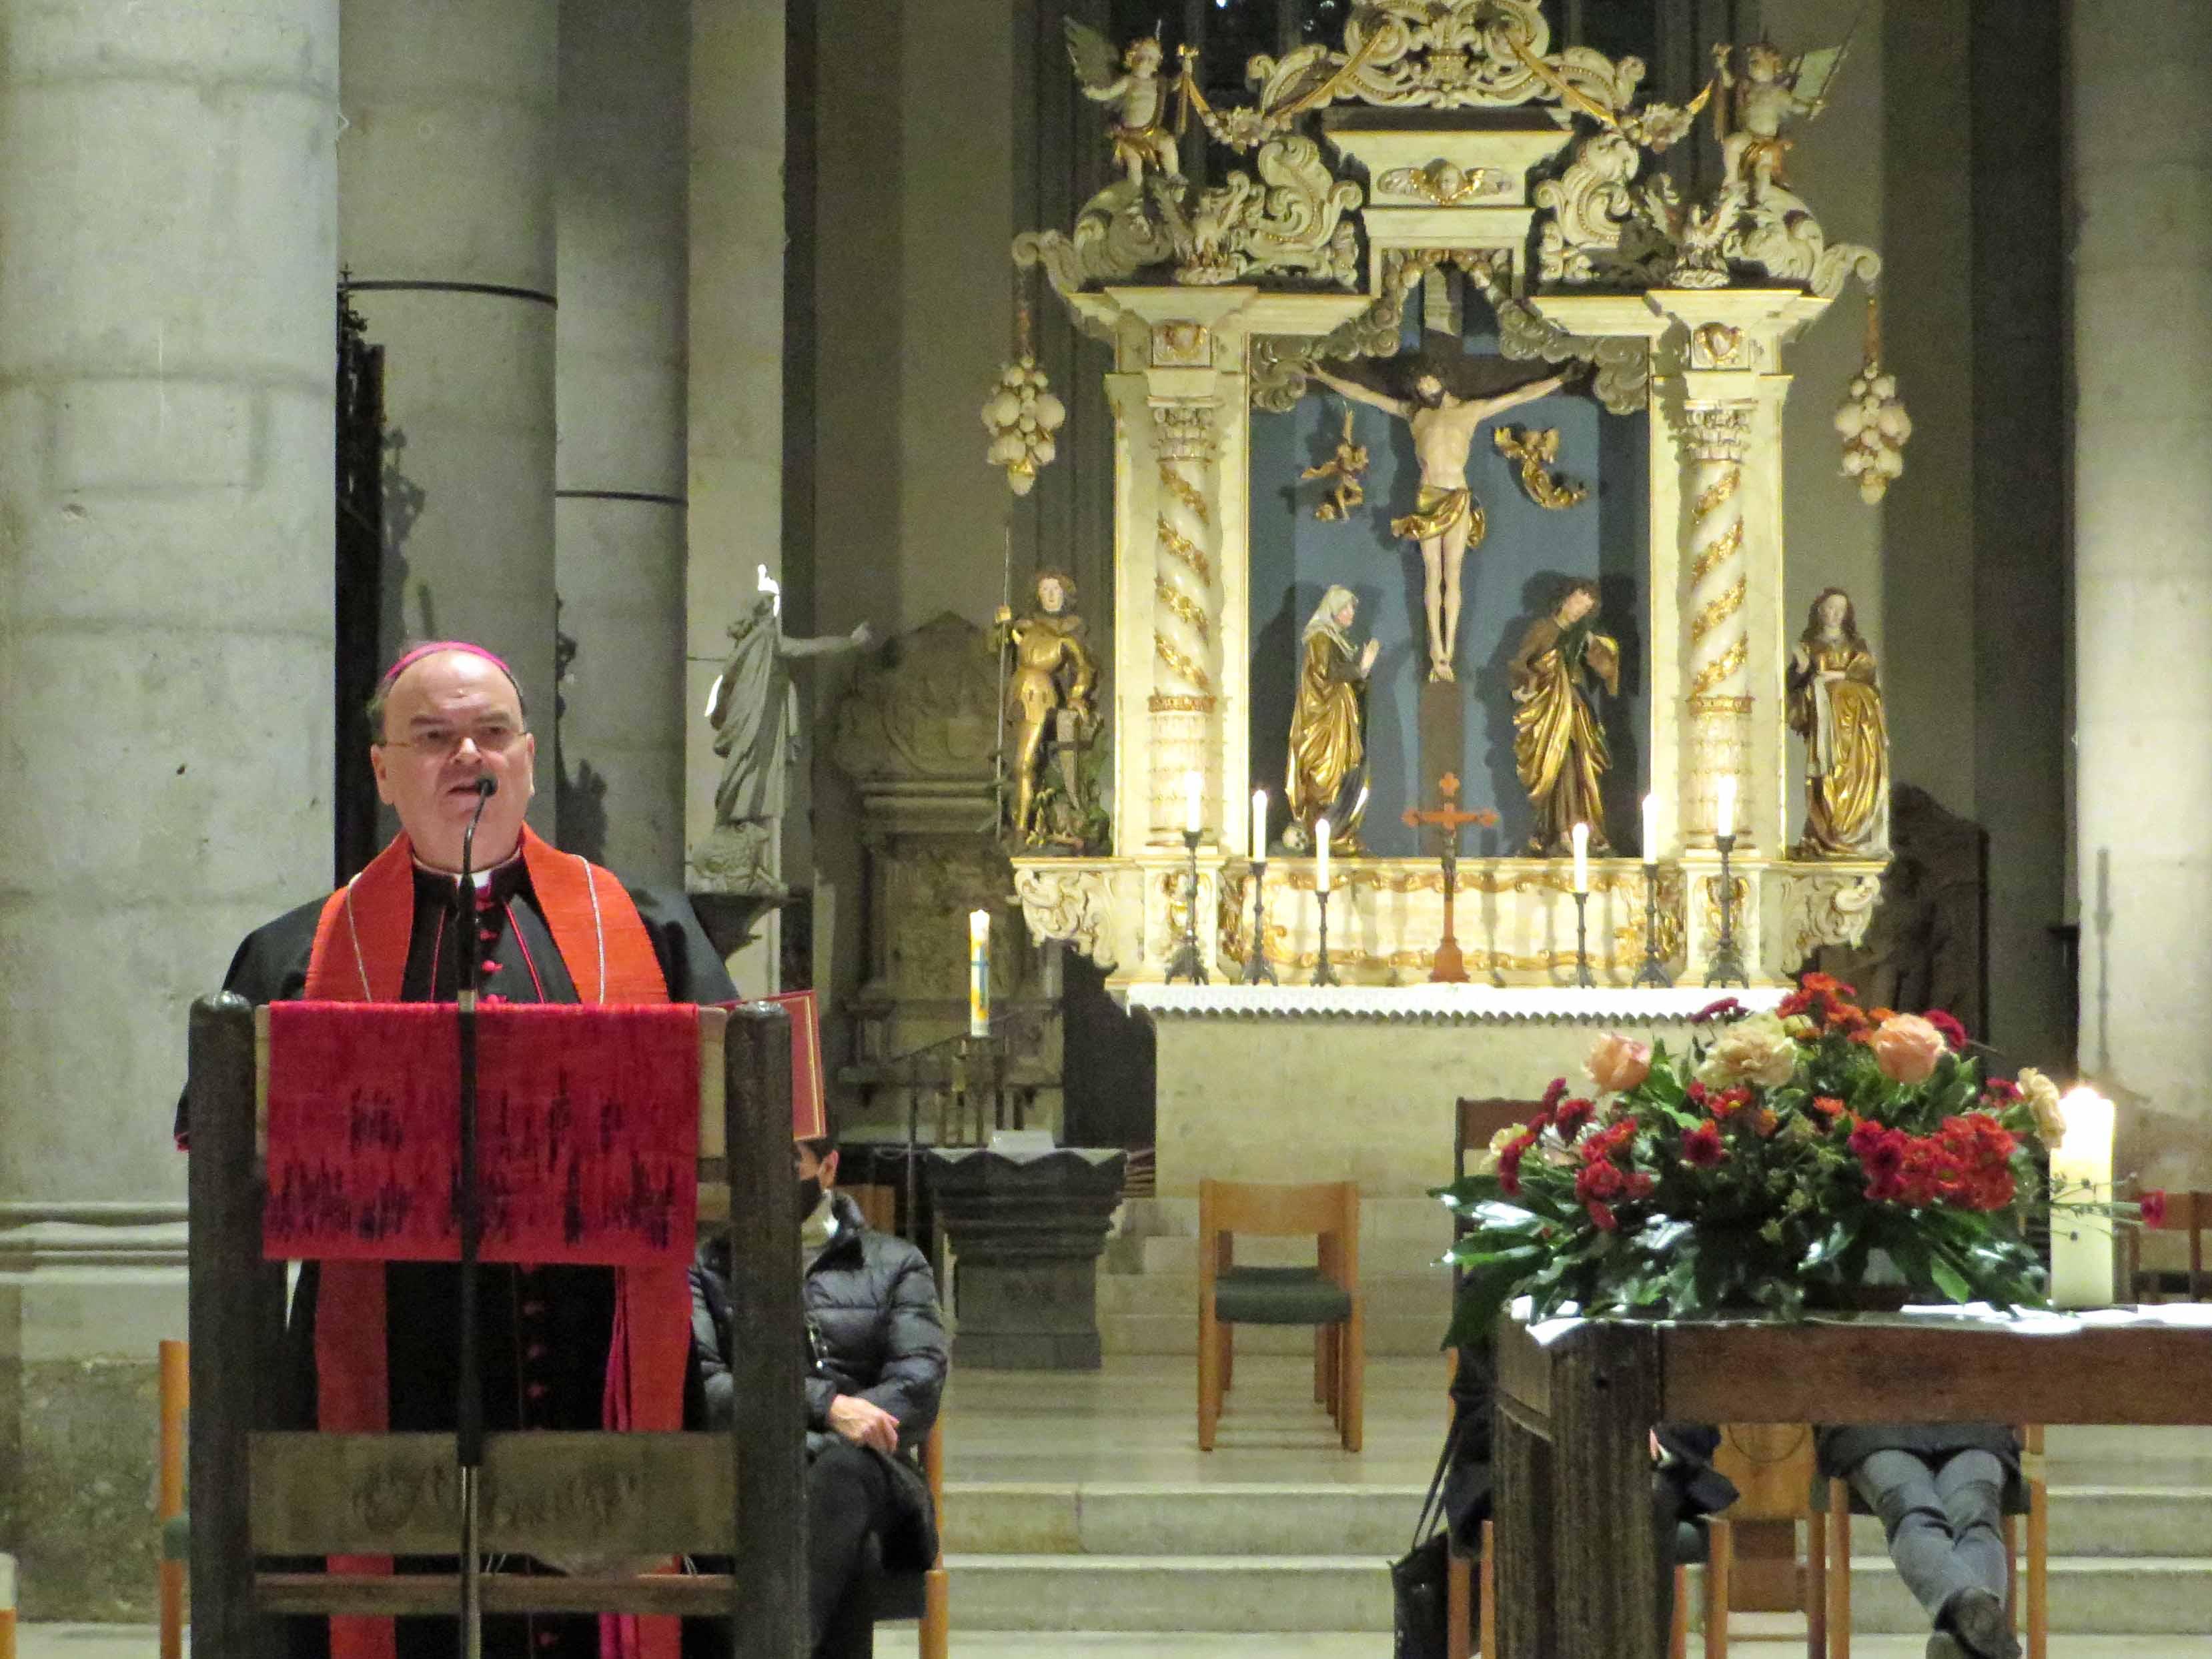 Bischof Bertram predigt in der evangelischen Kirche St. Georg in Nördlingen. (Fotos: Viktoria Zäch / pba)